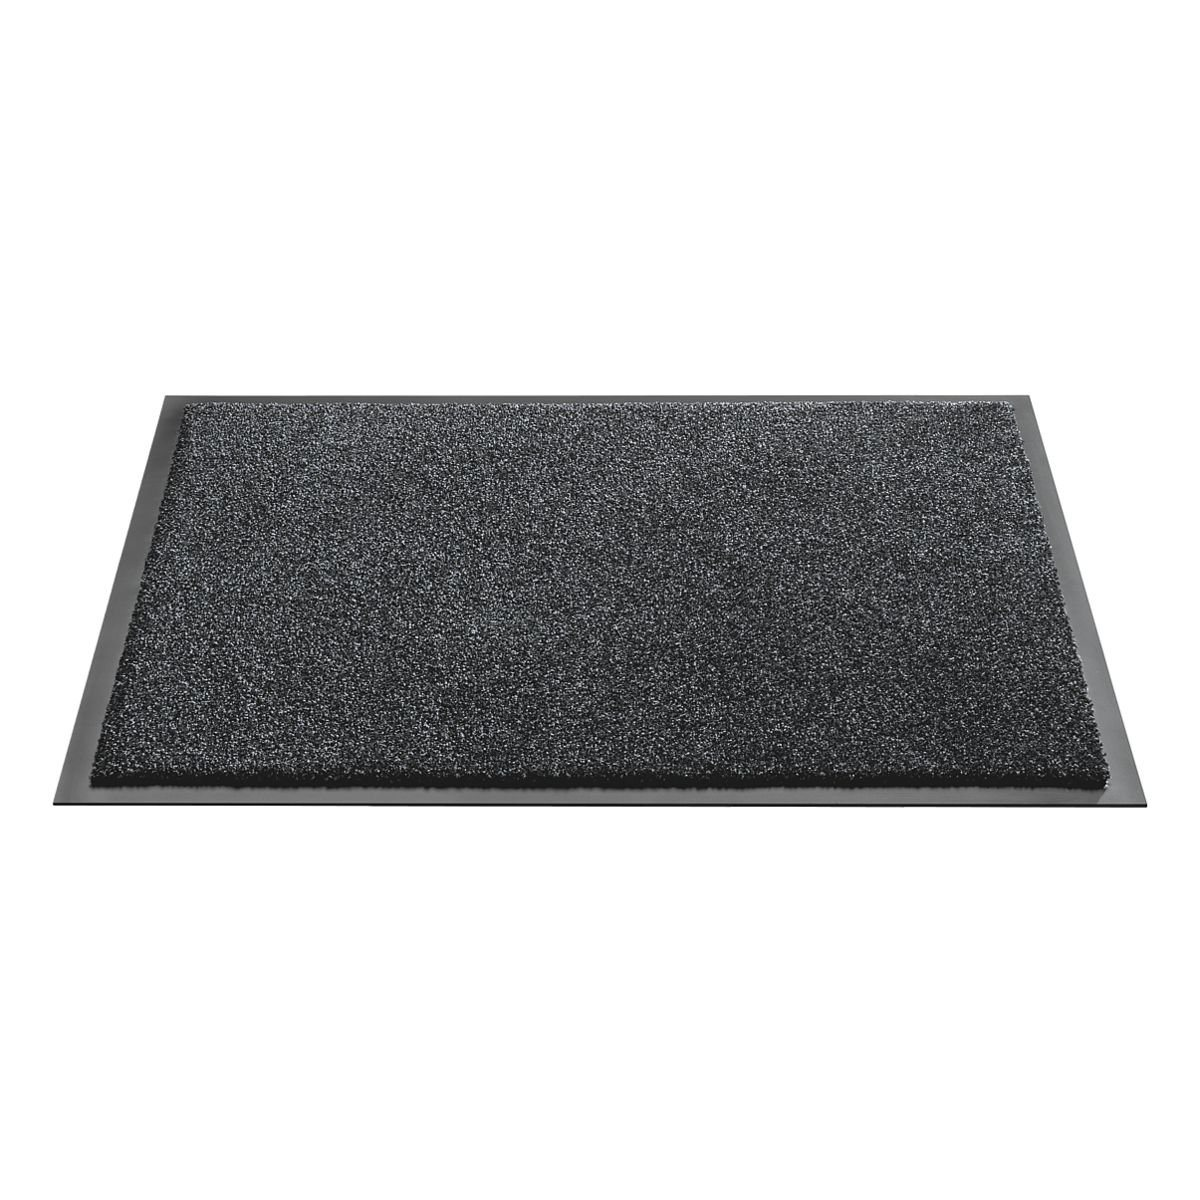 Fußmatte 80x120 cm »Brijant« | Heimtextilien > Fussmatten | KEINE MARKE